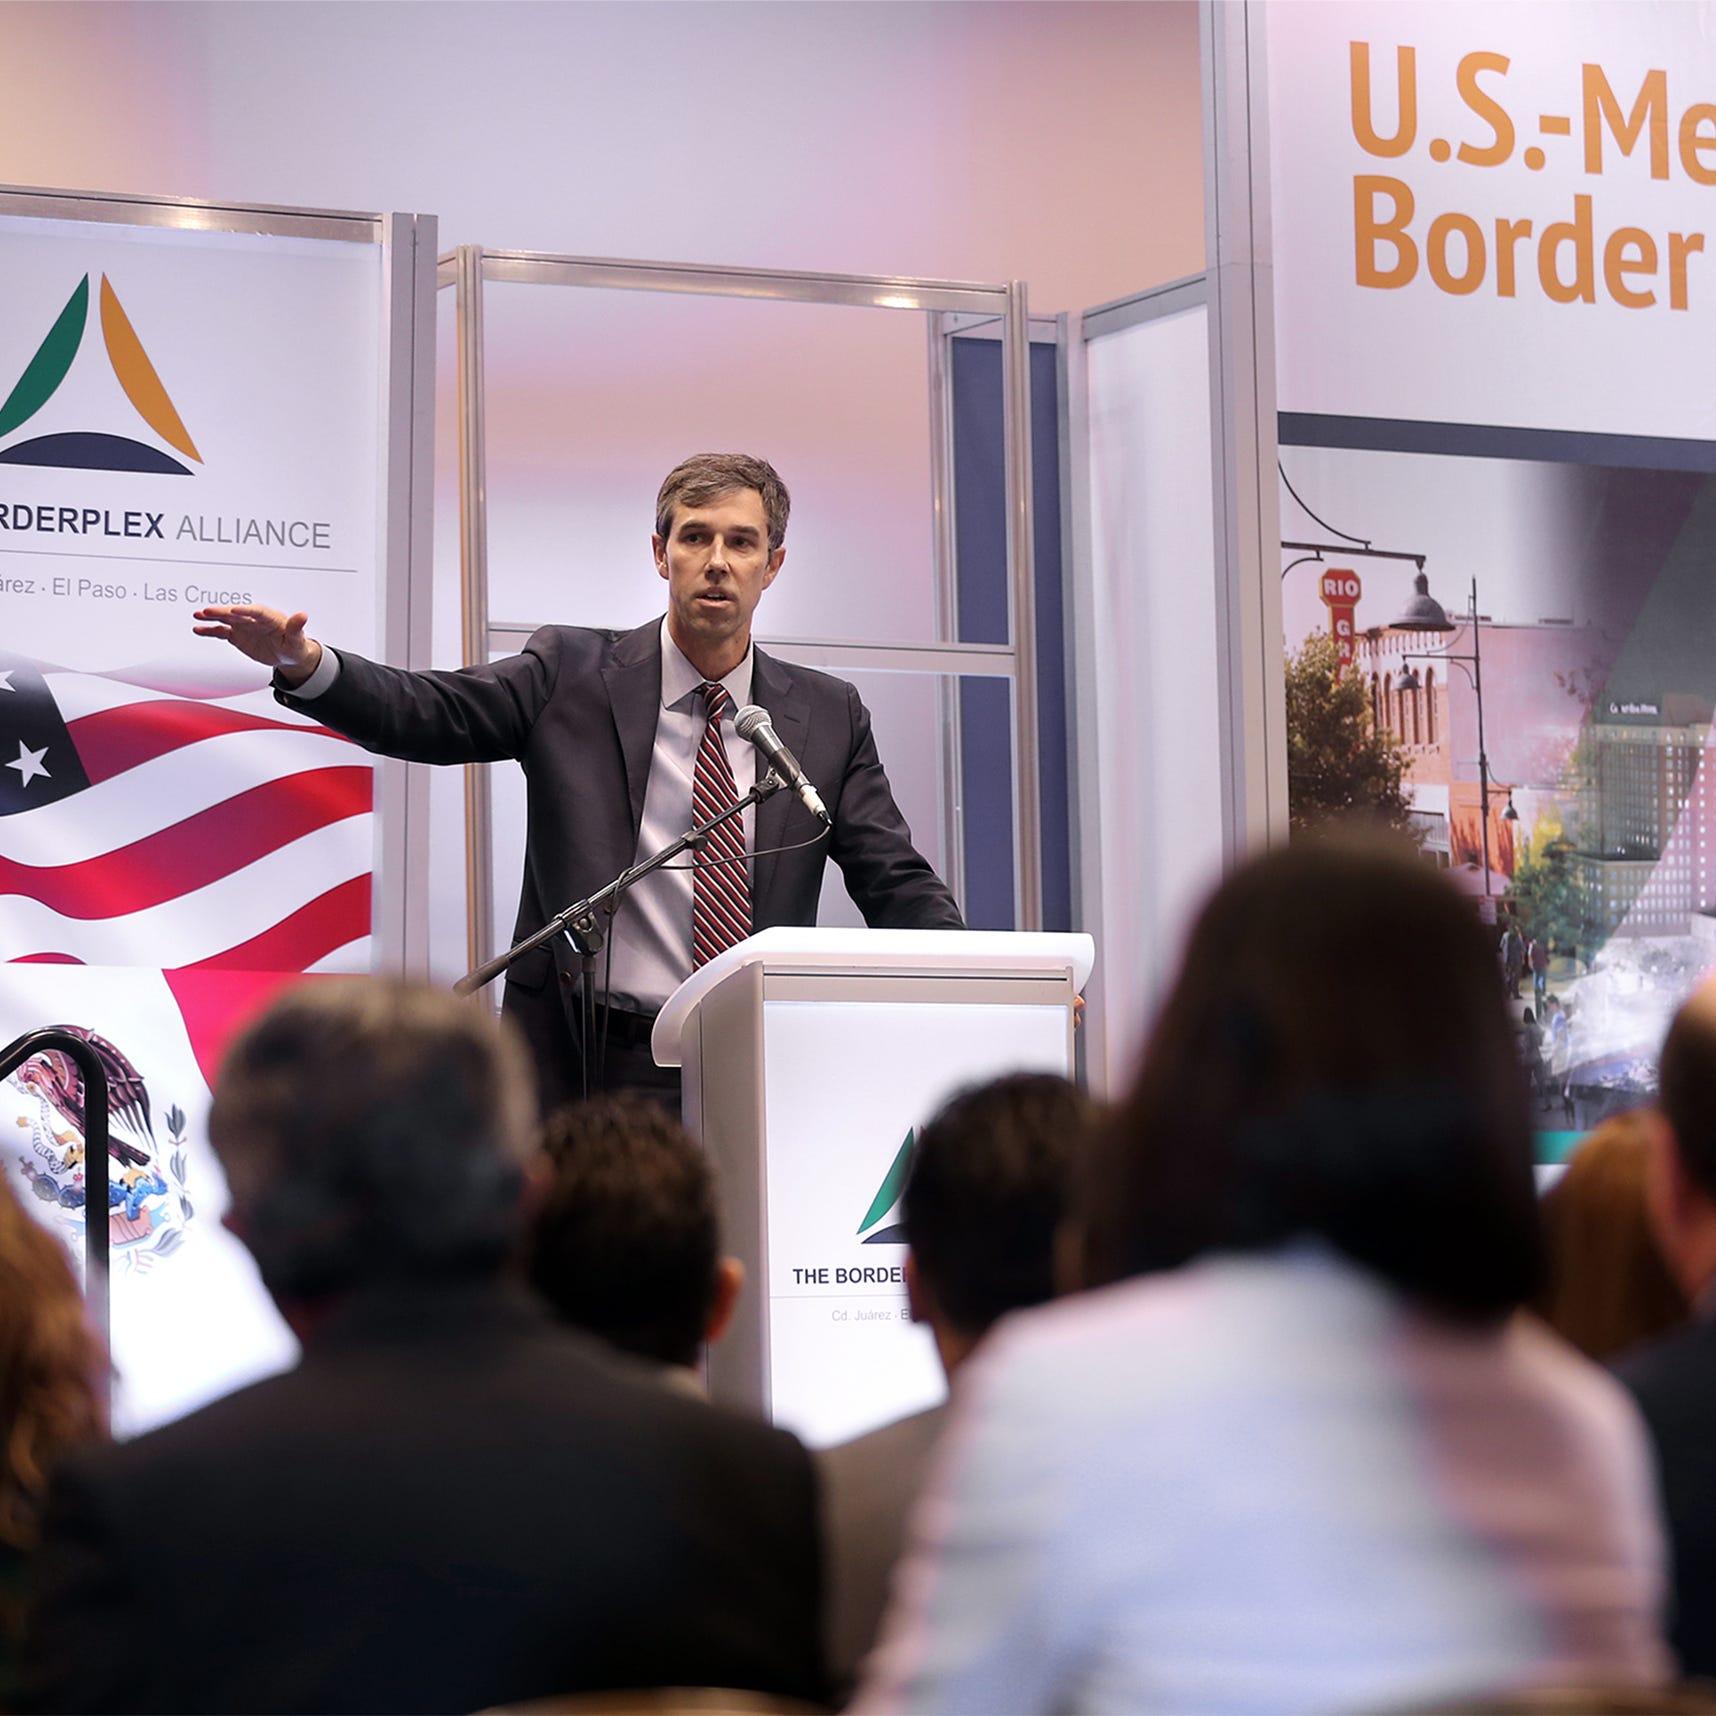 U.S.-Mexico Border Summit Kicks Off in Downtown El Paso